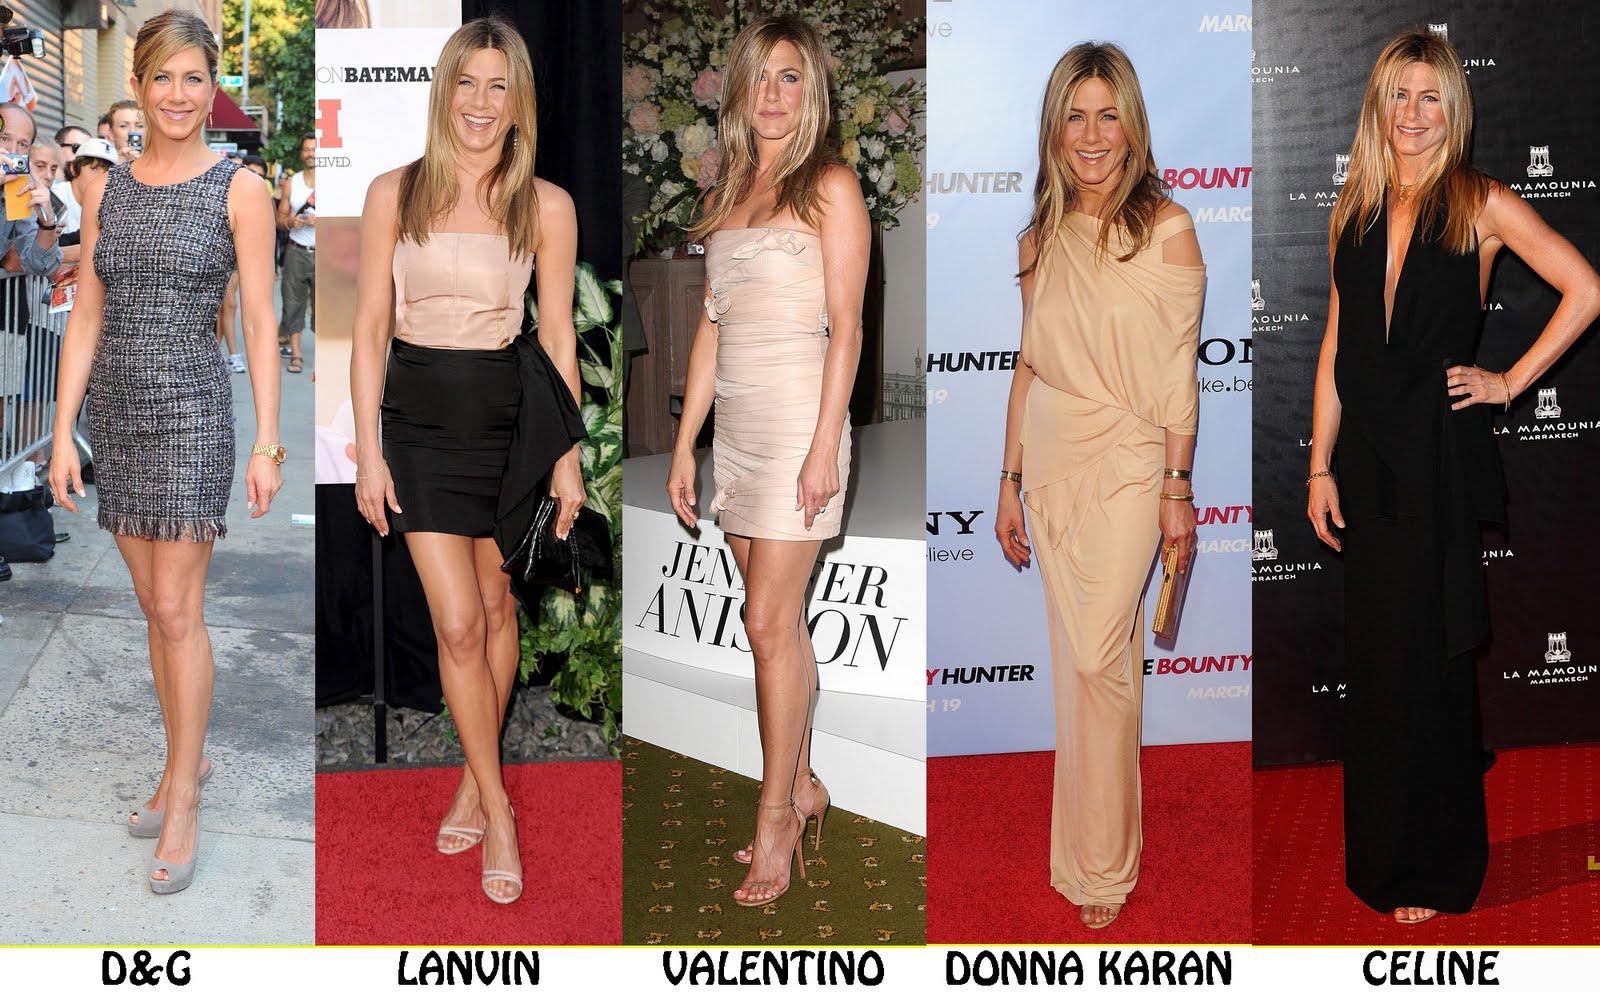 http://2.bp.blogspot.com/_p3oEk8kIki4/TG4mpQH0F_I/AAAAAAAAB8E/NlszAblBKYU/s1600/jennifer+aniston+red+carpet10.jpg